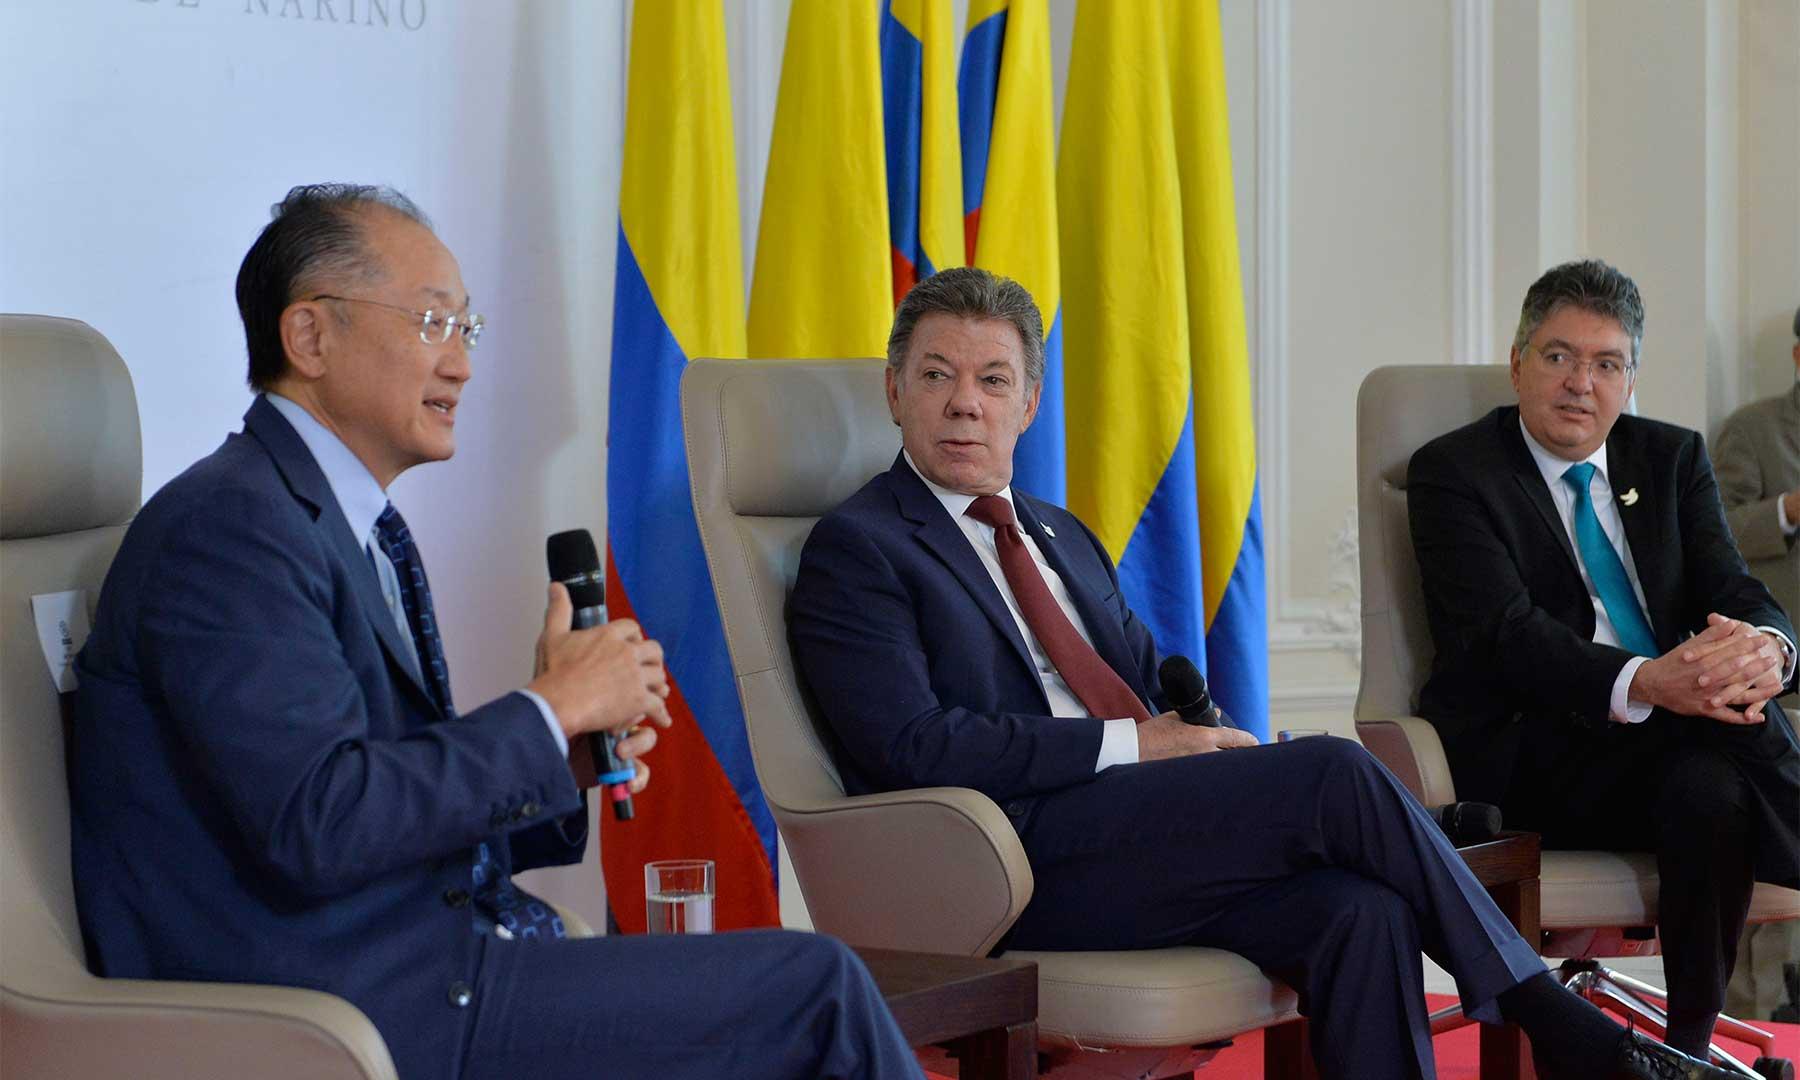 Durante el conversatorio económico realizado este viernes en la Casa de Nariño, el presidente del Banco Mundial, Jim Yong Kim, afirmó que el proceso de paz que se adelanta en Colombia es un ejemplo y un modelo para el mundo.